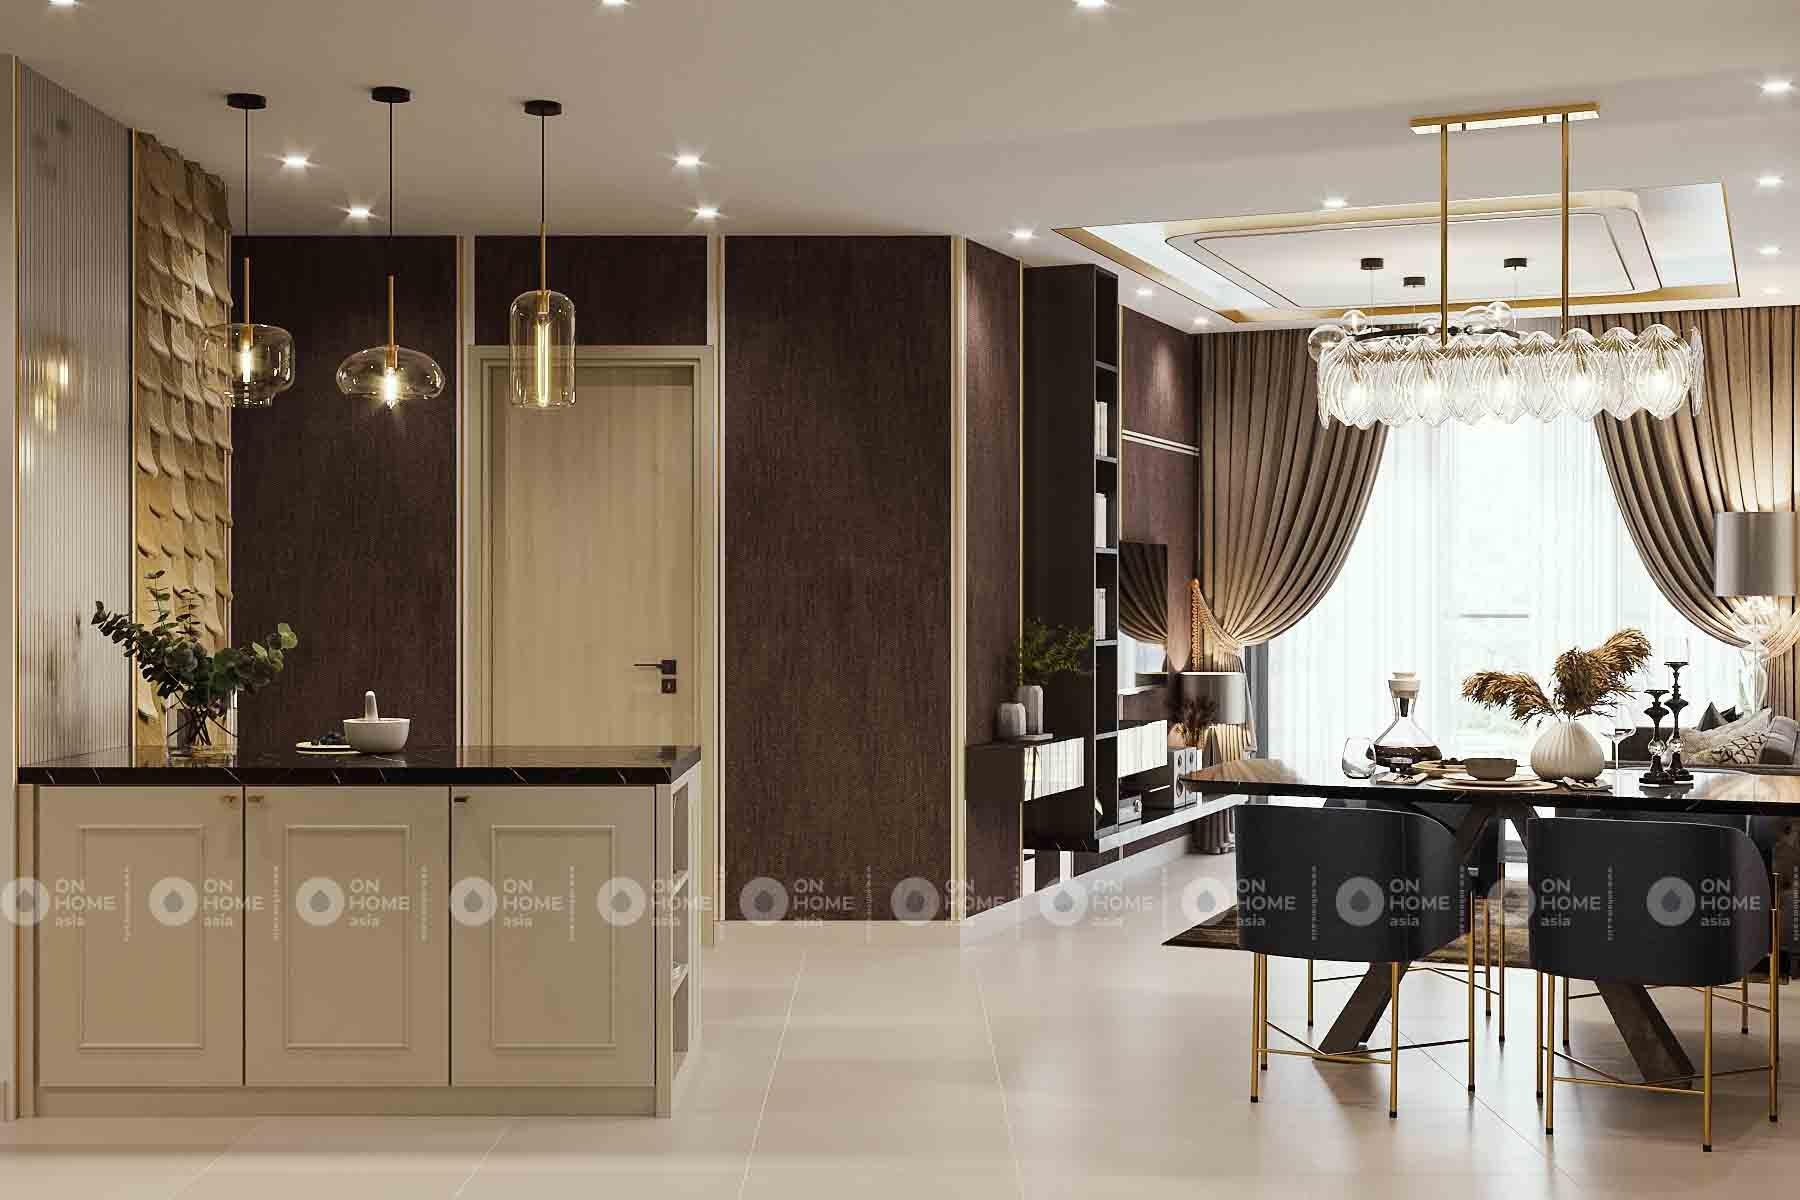 thiết kế nhà bếp compass one phong cách Luxury